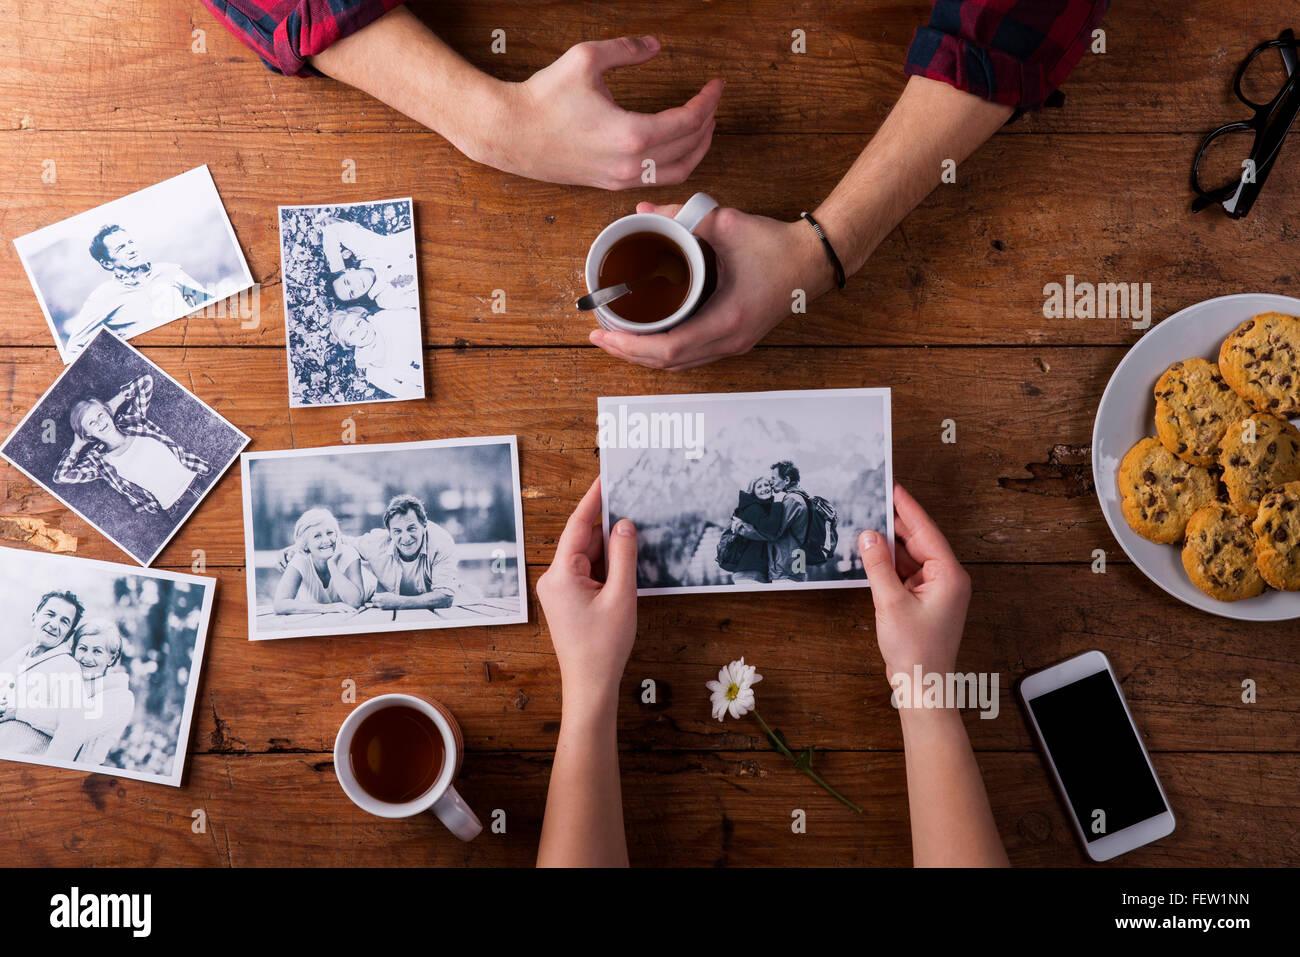 Le Mans e womans mani. Foto in bianco e nero. Giovane. Tè, biscotti, telefono. Immagini Stock